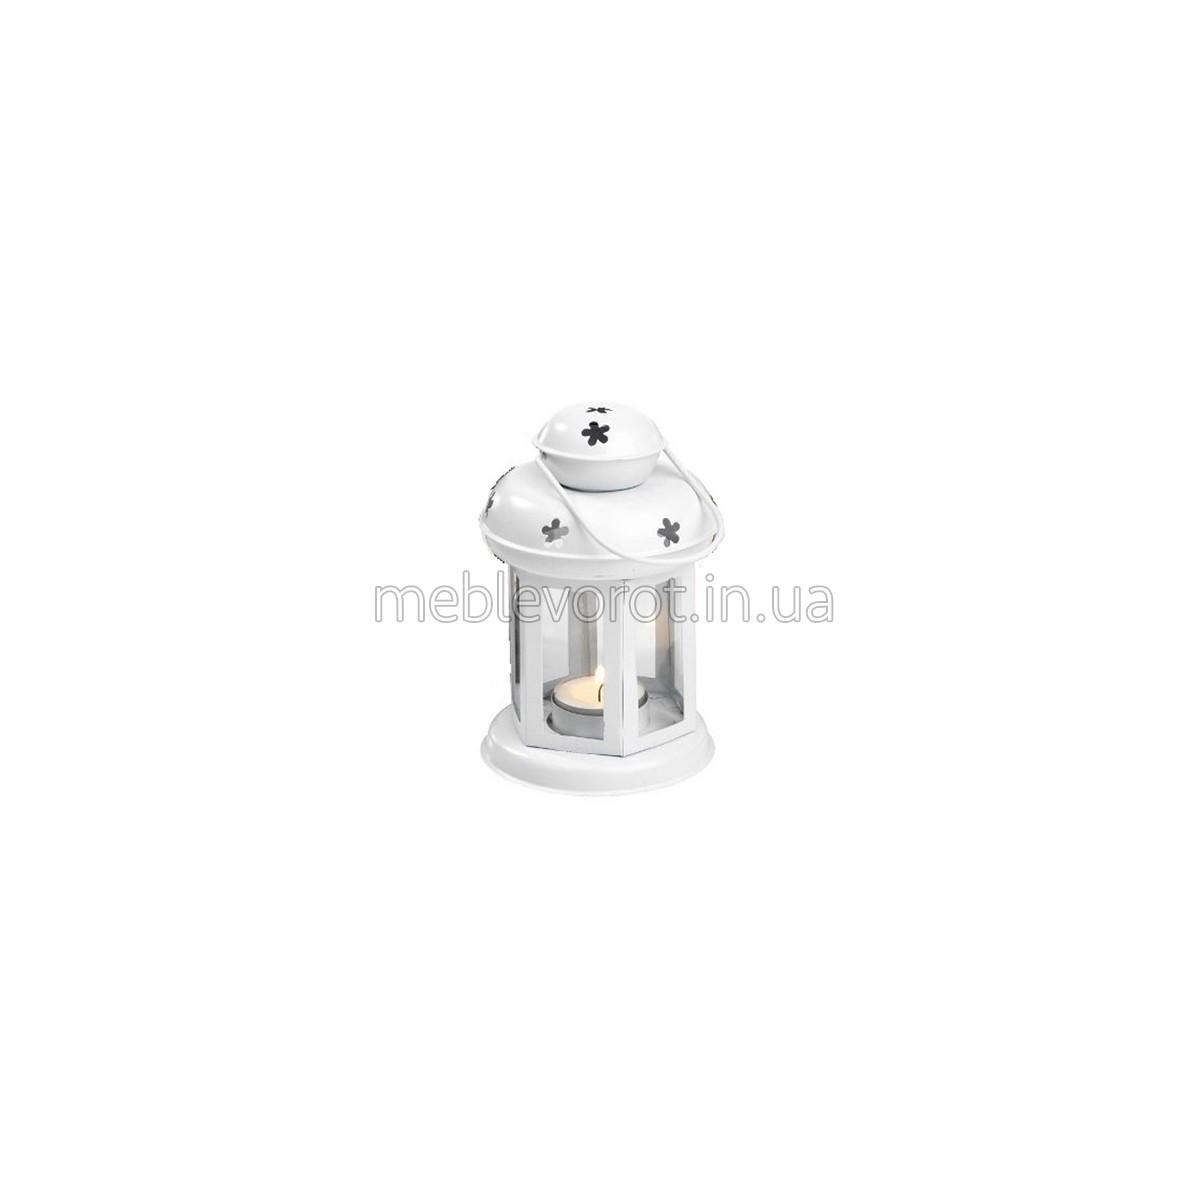 Декоративный фонарь со свечой белый (Аренда)